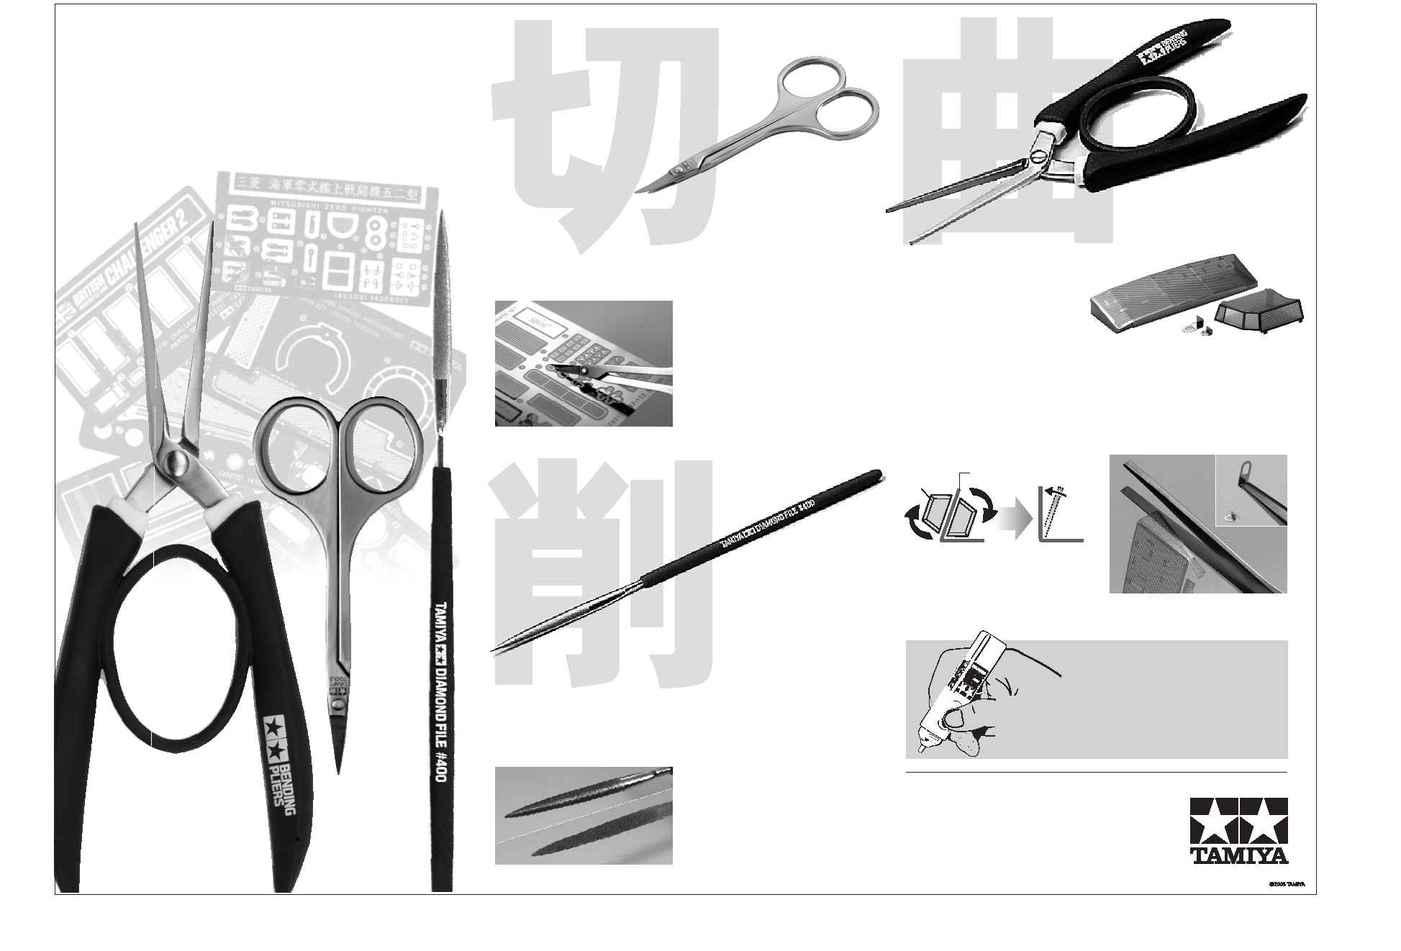 Tamiya - photoetch tools